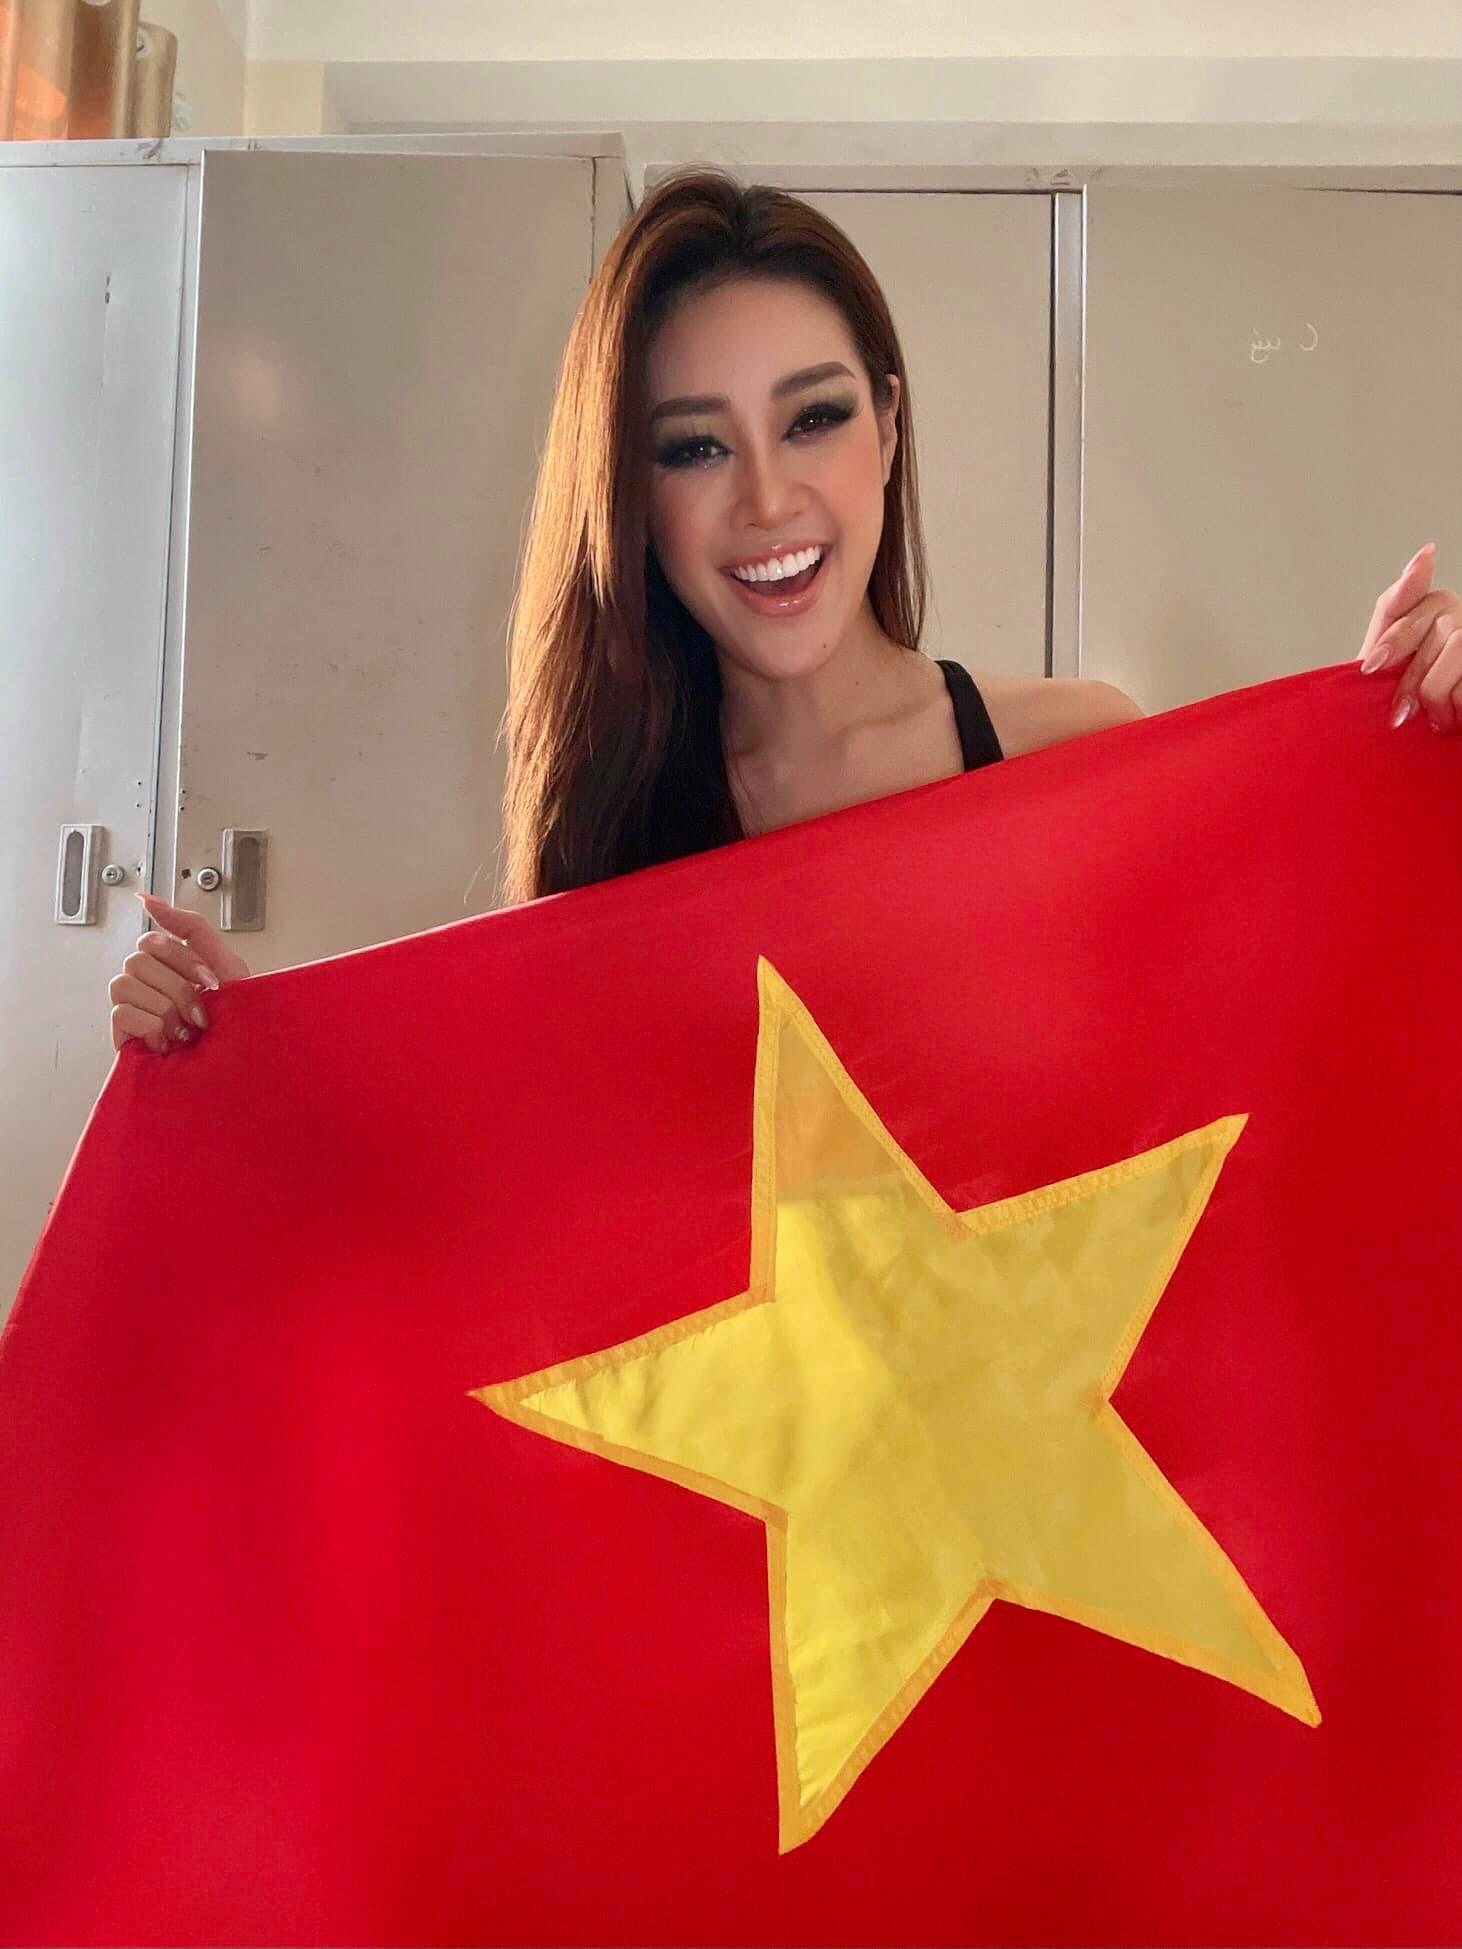 Sao Việt dự đoán tỷ số trận VN-UAE, bất ngờ nhất là lời hứa của hoa hậu - 4